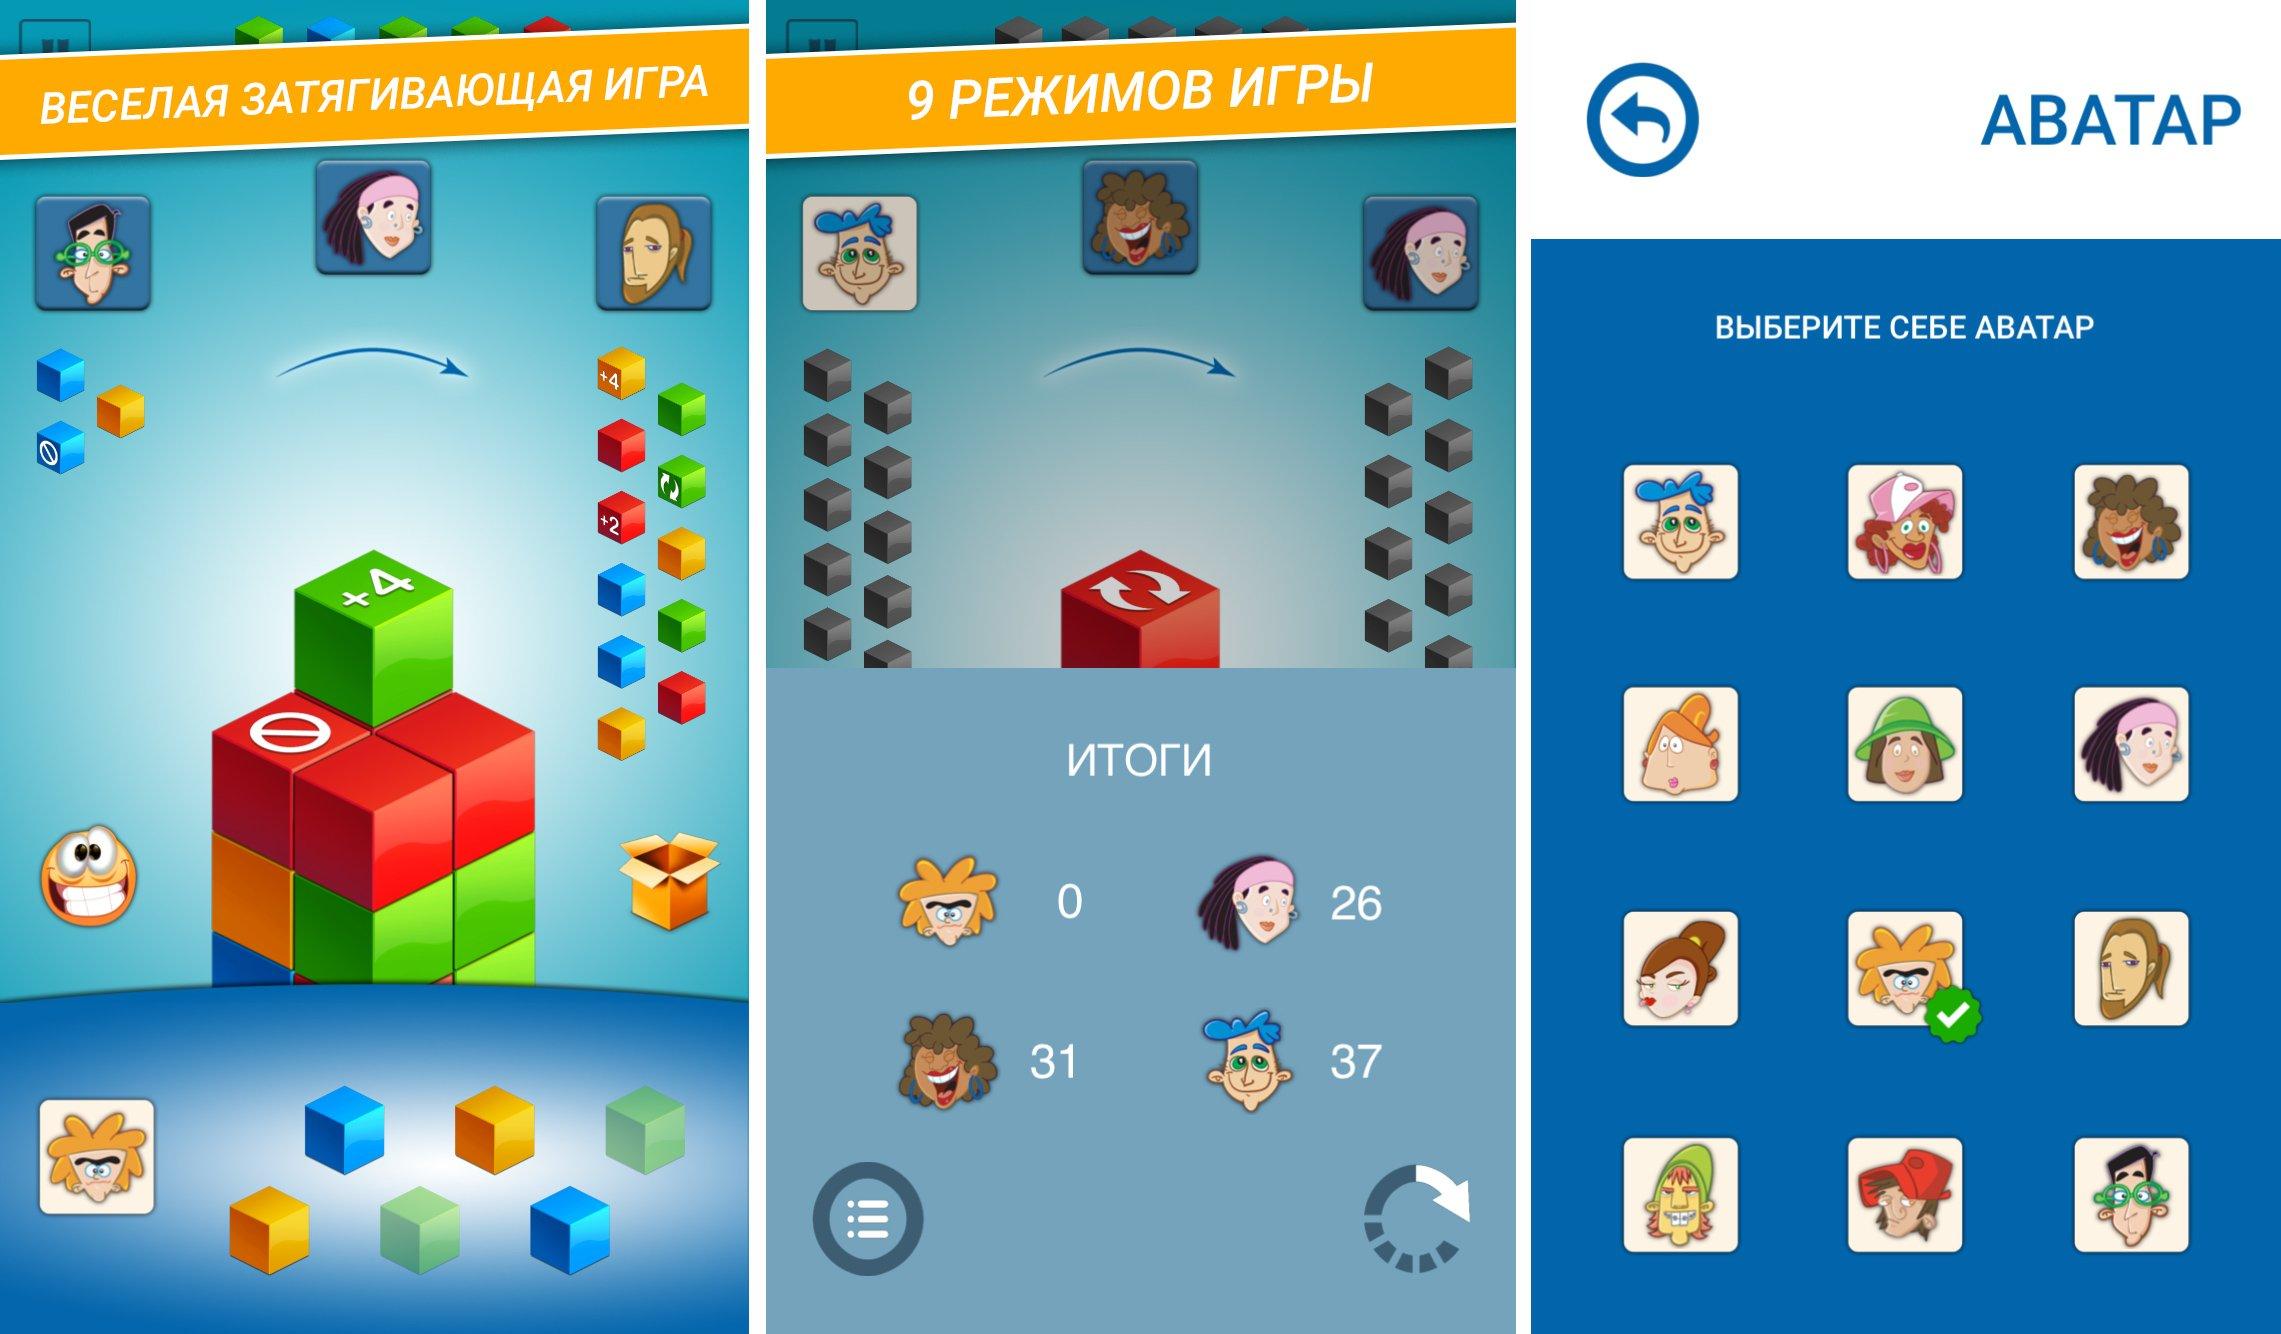 Веселая и увлекательная игра BADA-BOOM!. - Изображение 1